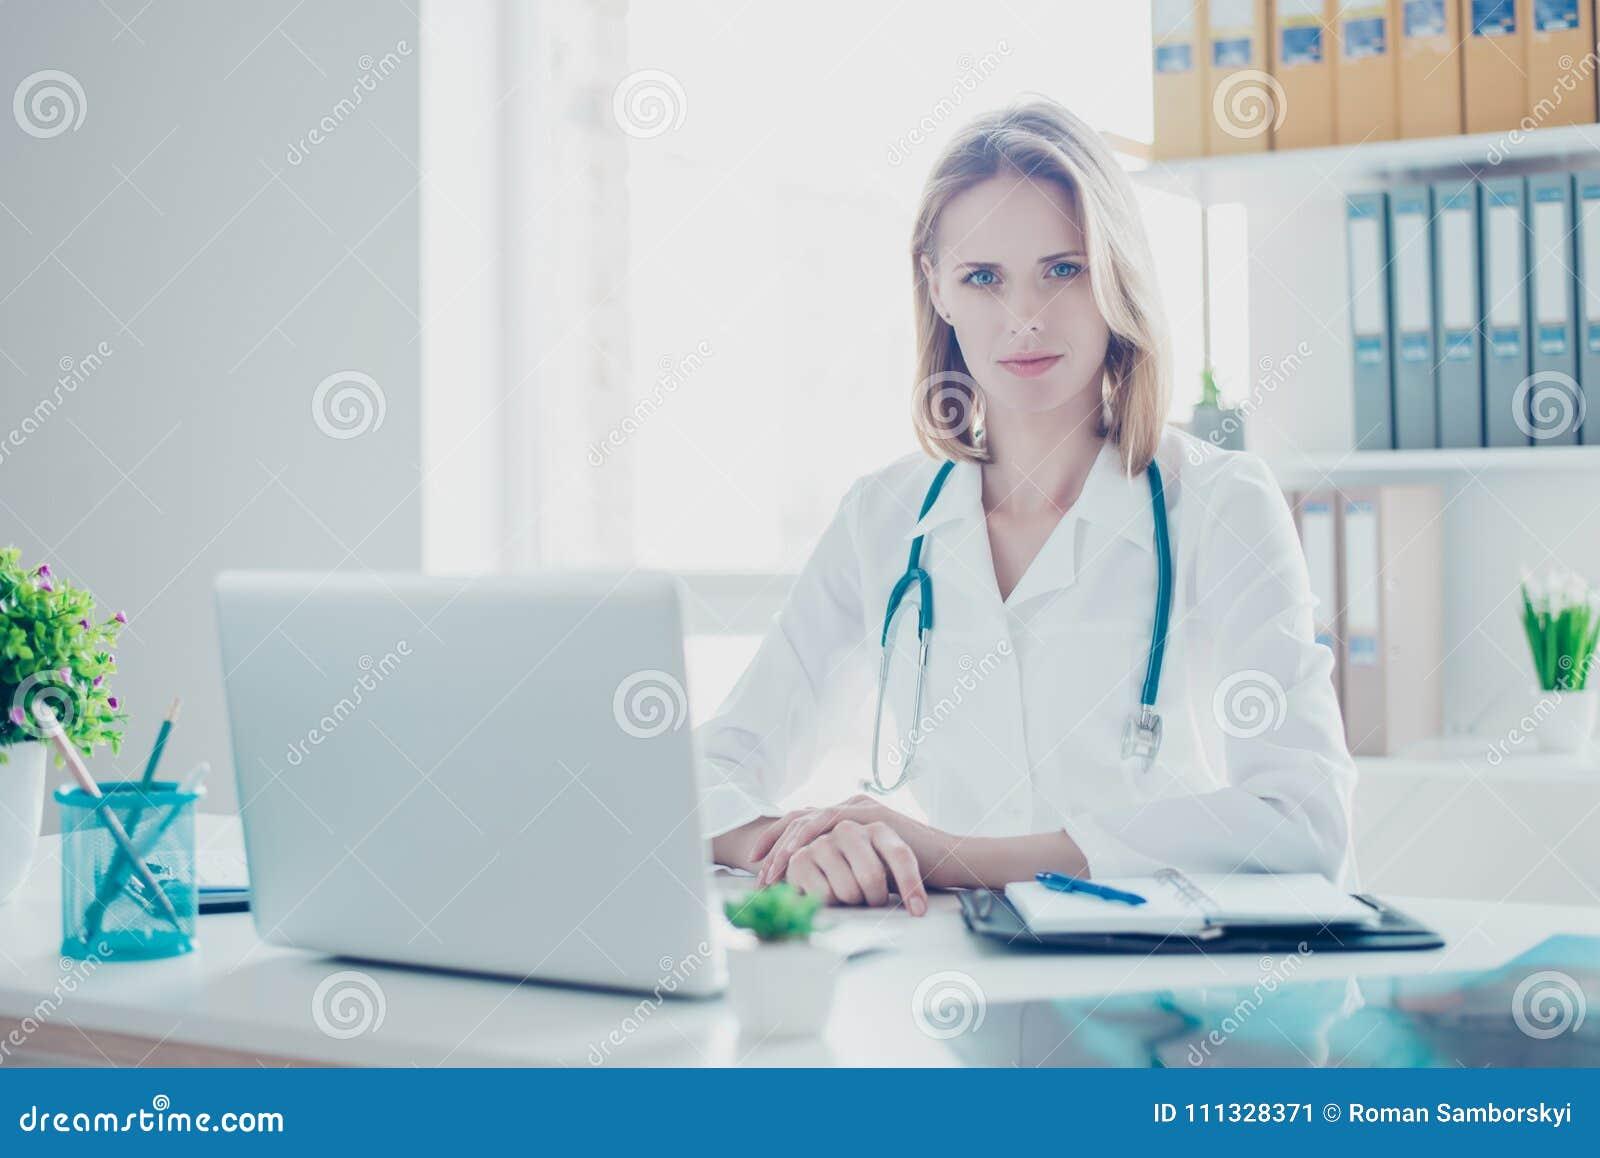 Πορτρέτο του βέβαιου συγκεντρωμένου ιατρο φορώντας άσπρου παλτού, SH